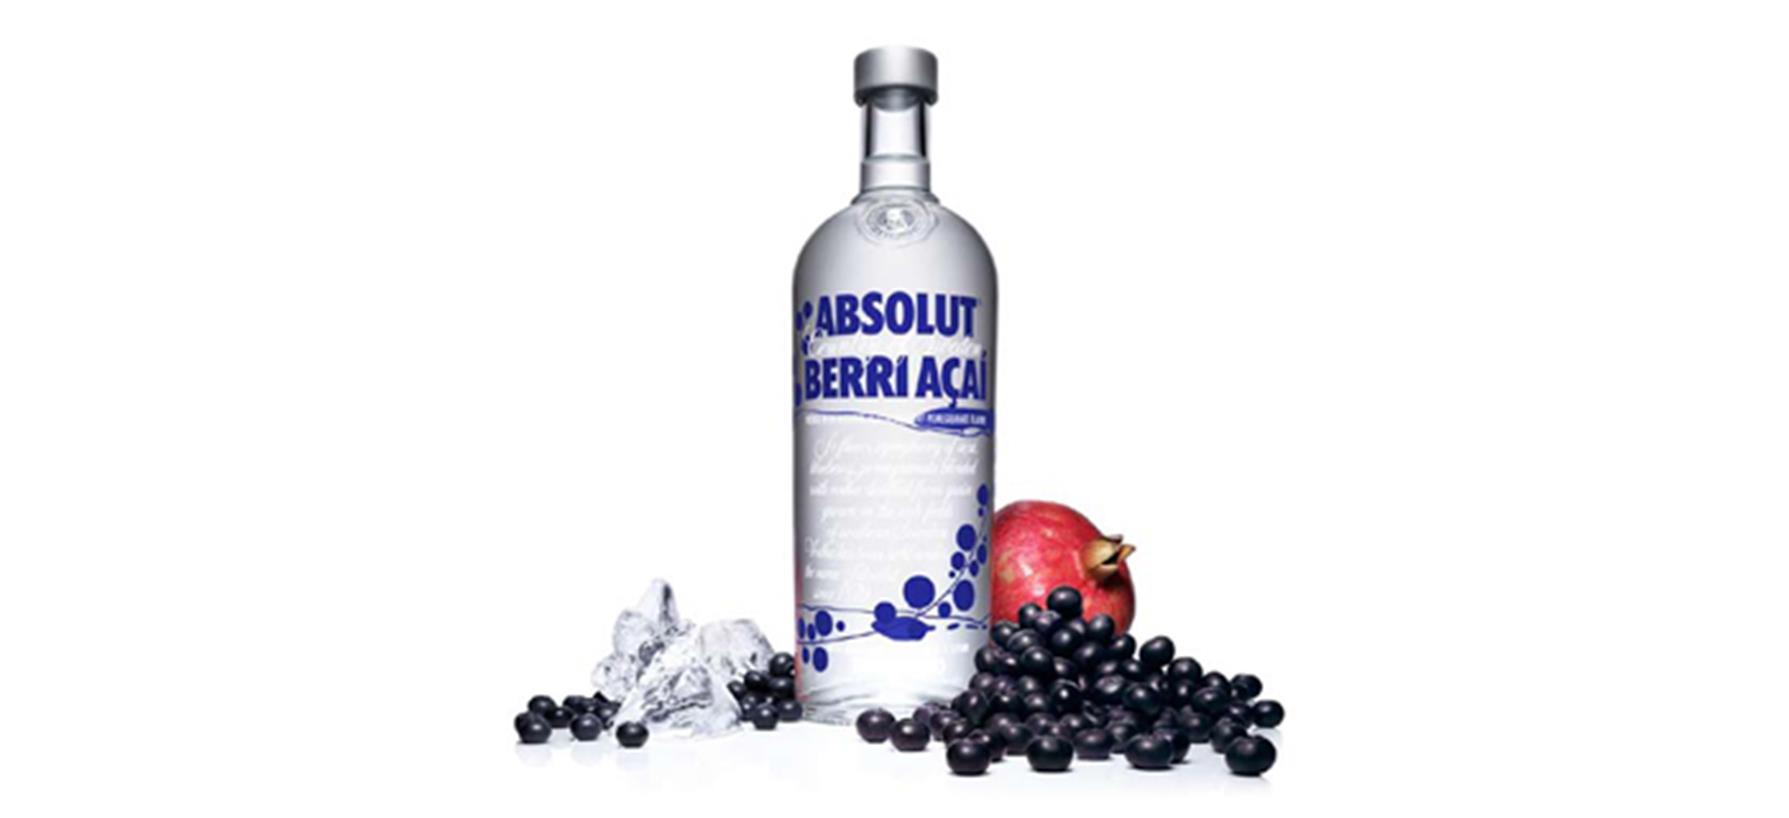 berri acai